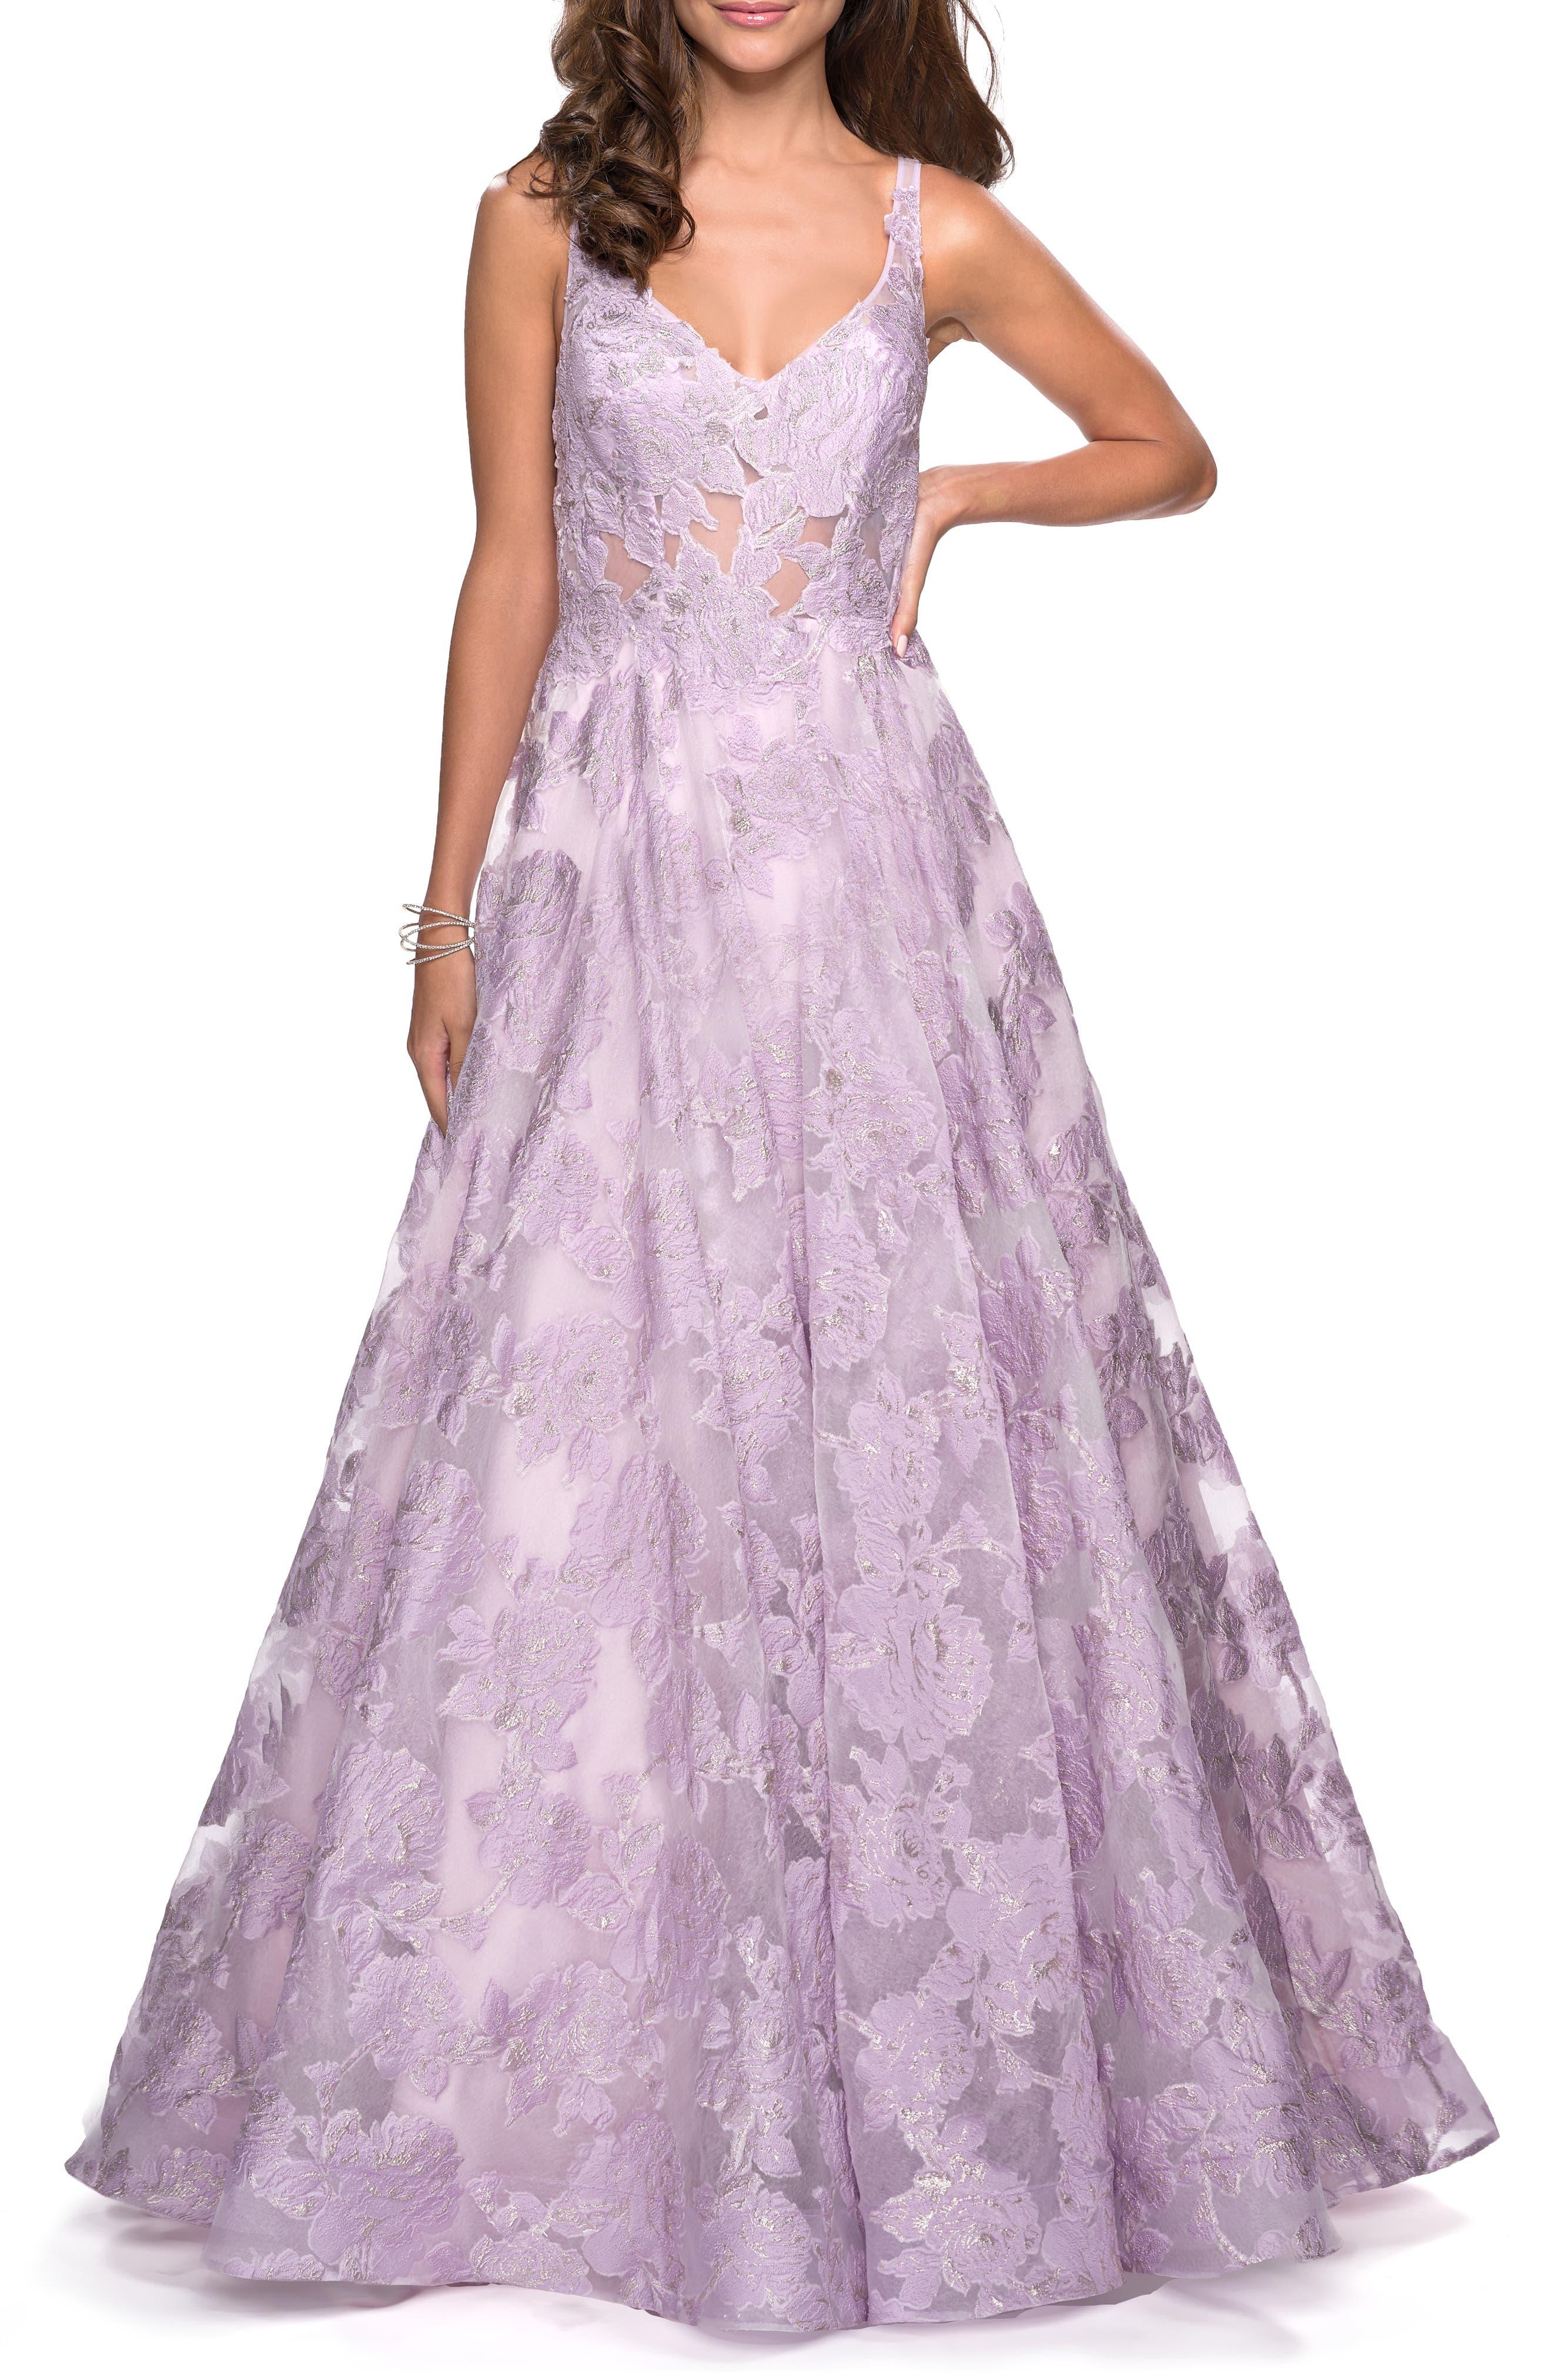 La Femme Lace A-Line Evening Dress